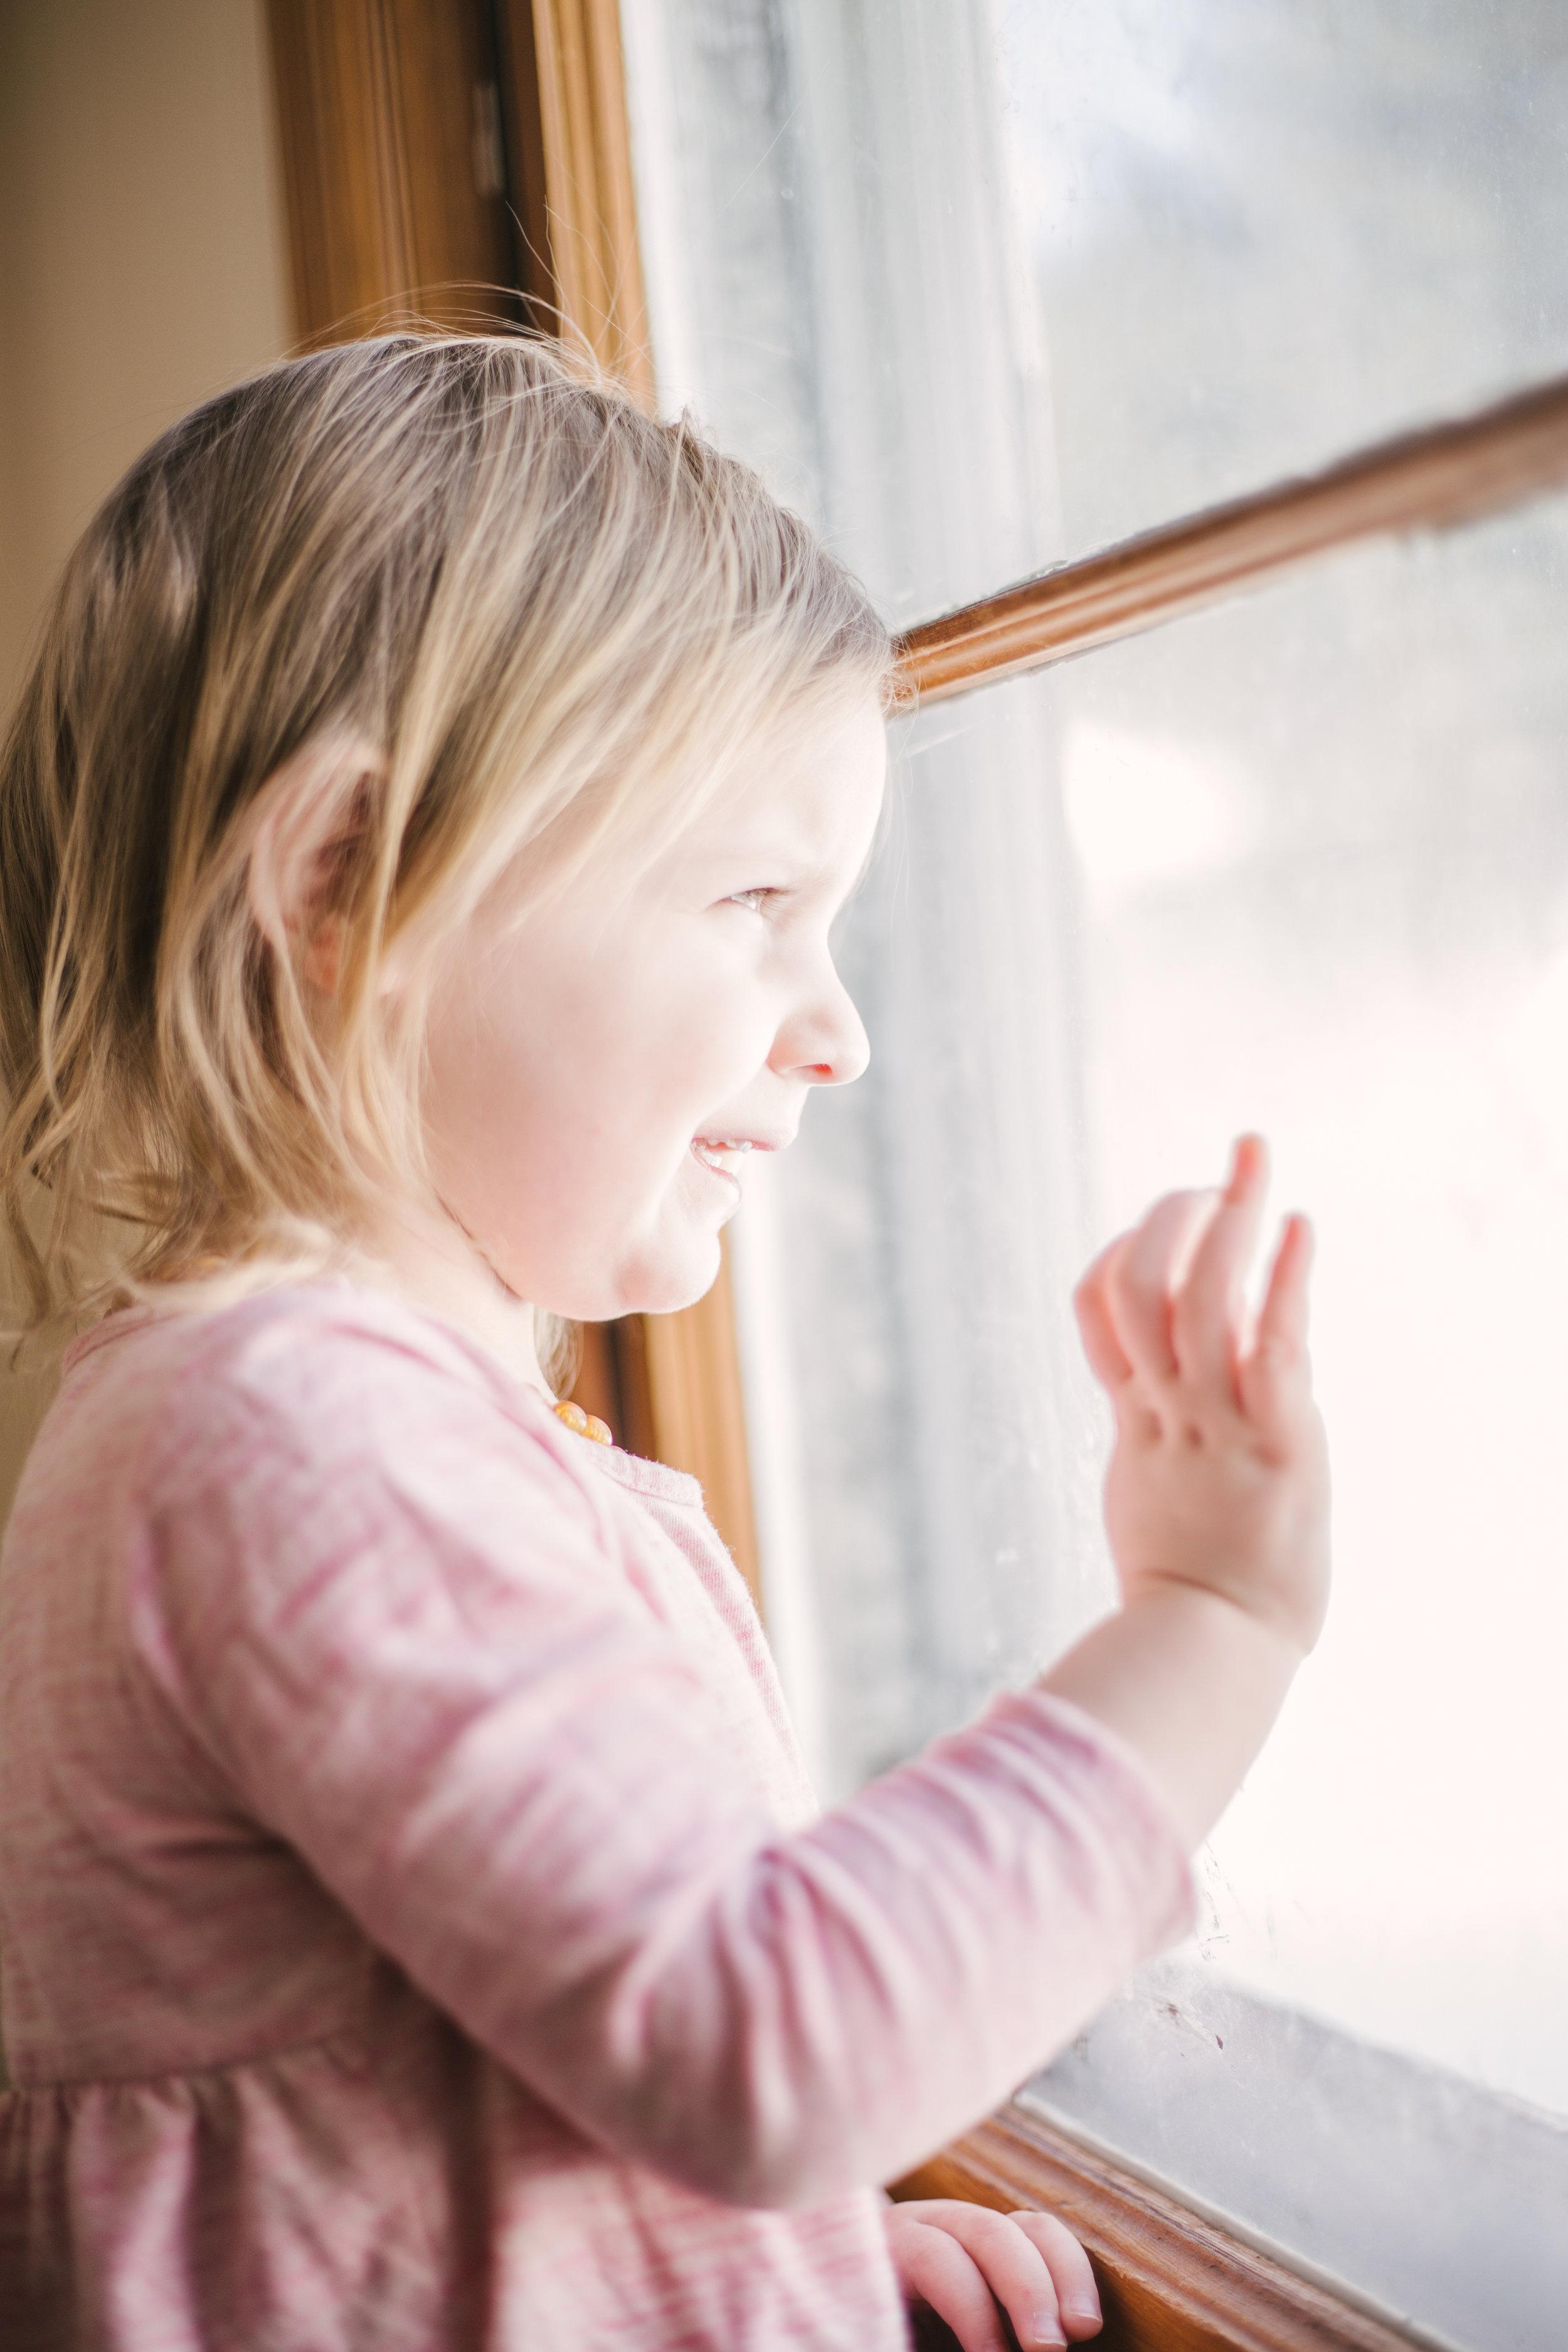 Montana, Pacific Northwest, Lifestyle Photographer - Hazel age 3 - Ashley Tintinger Photography -9.jpg